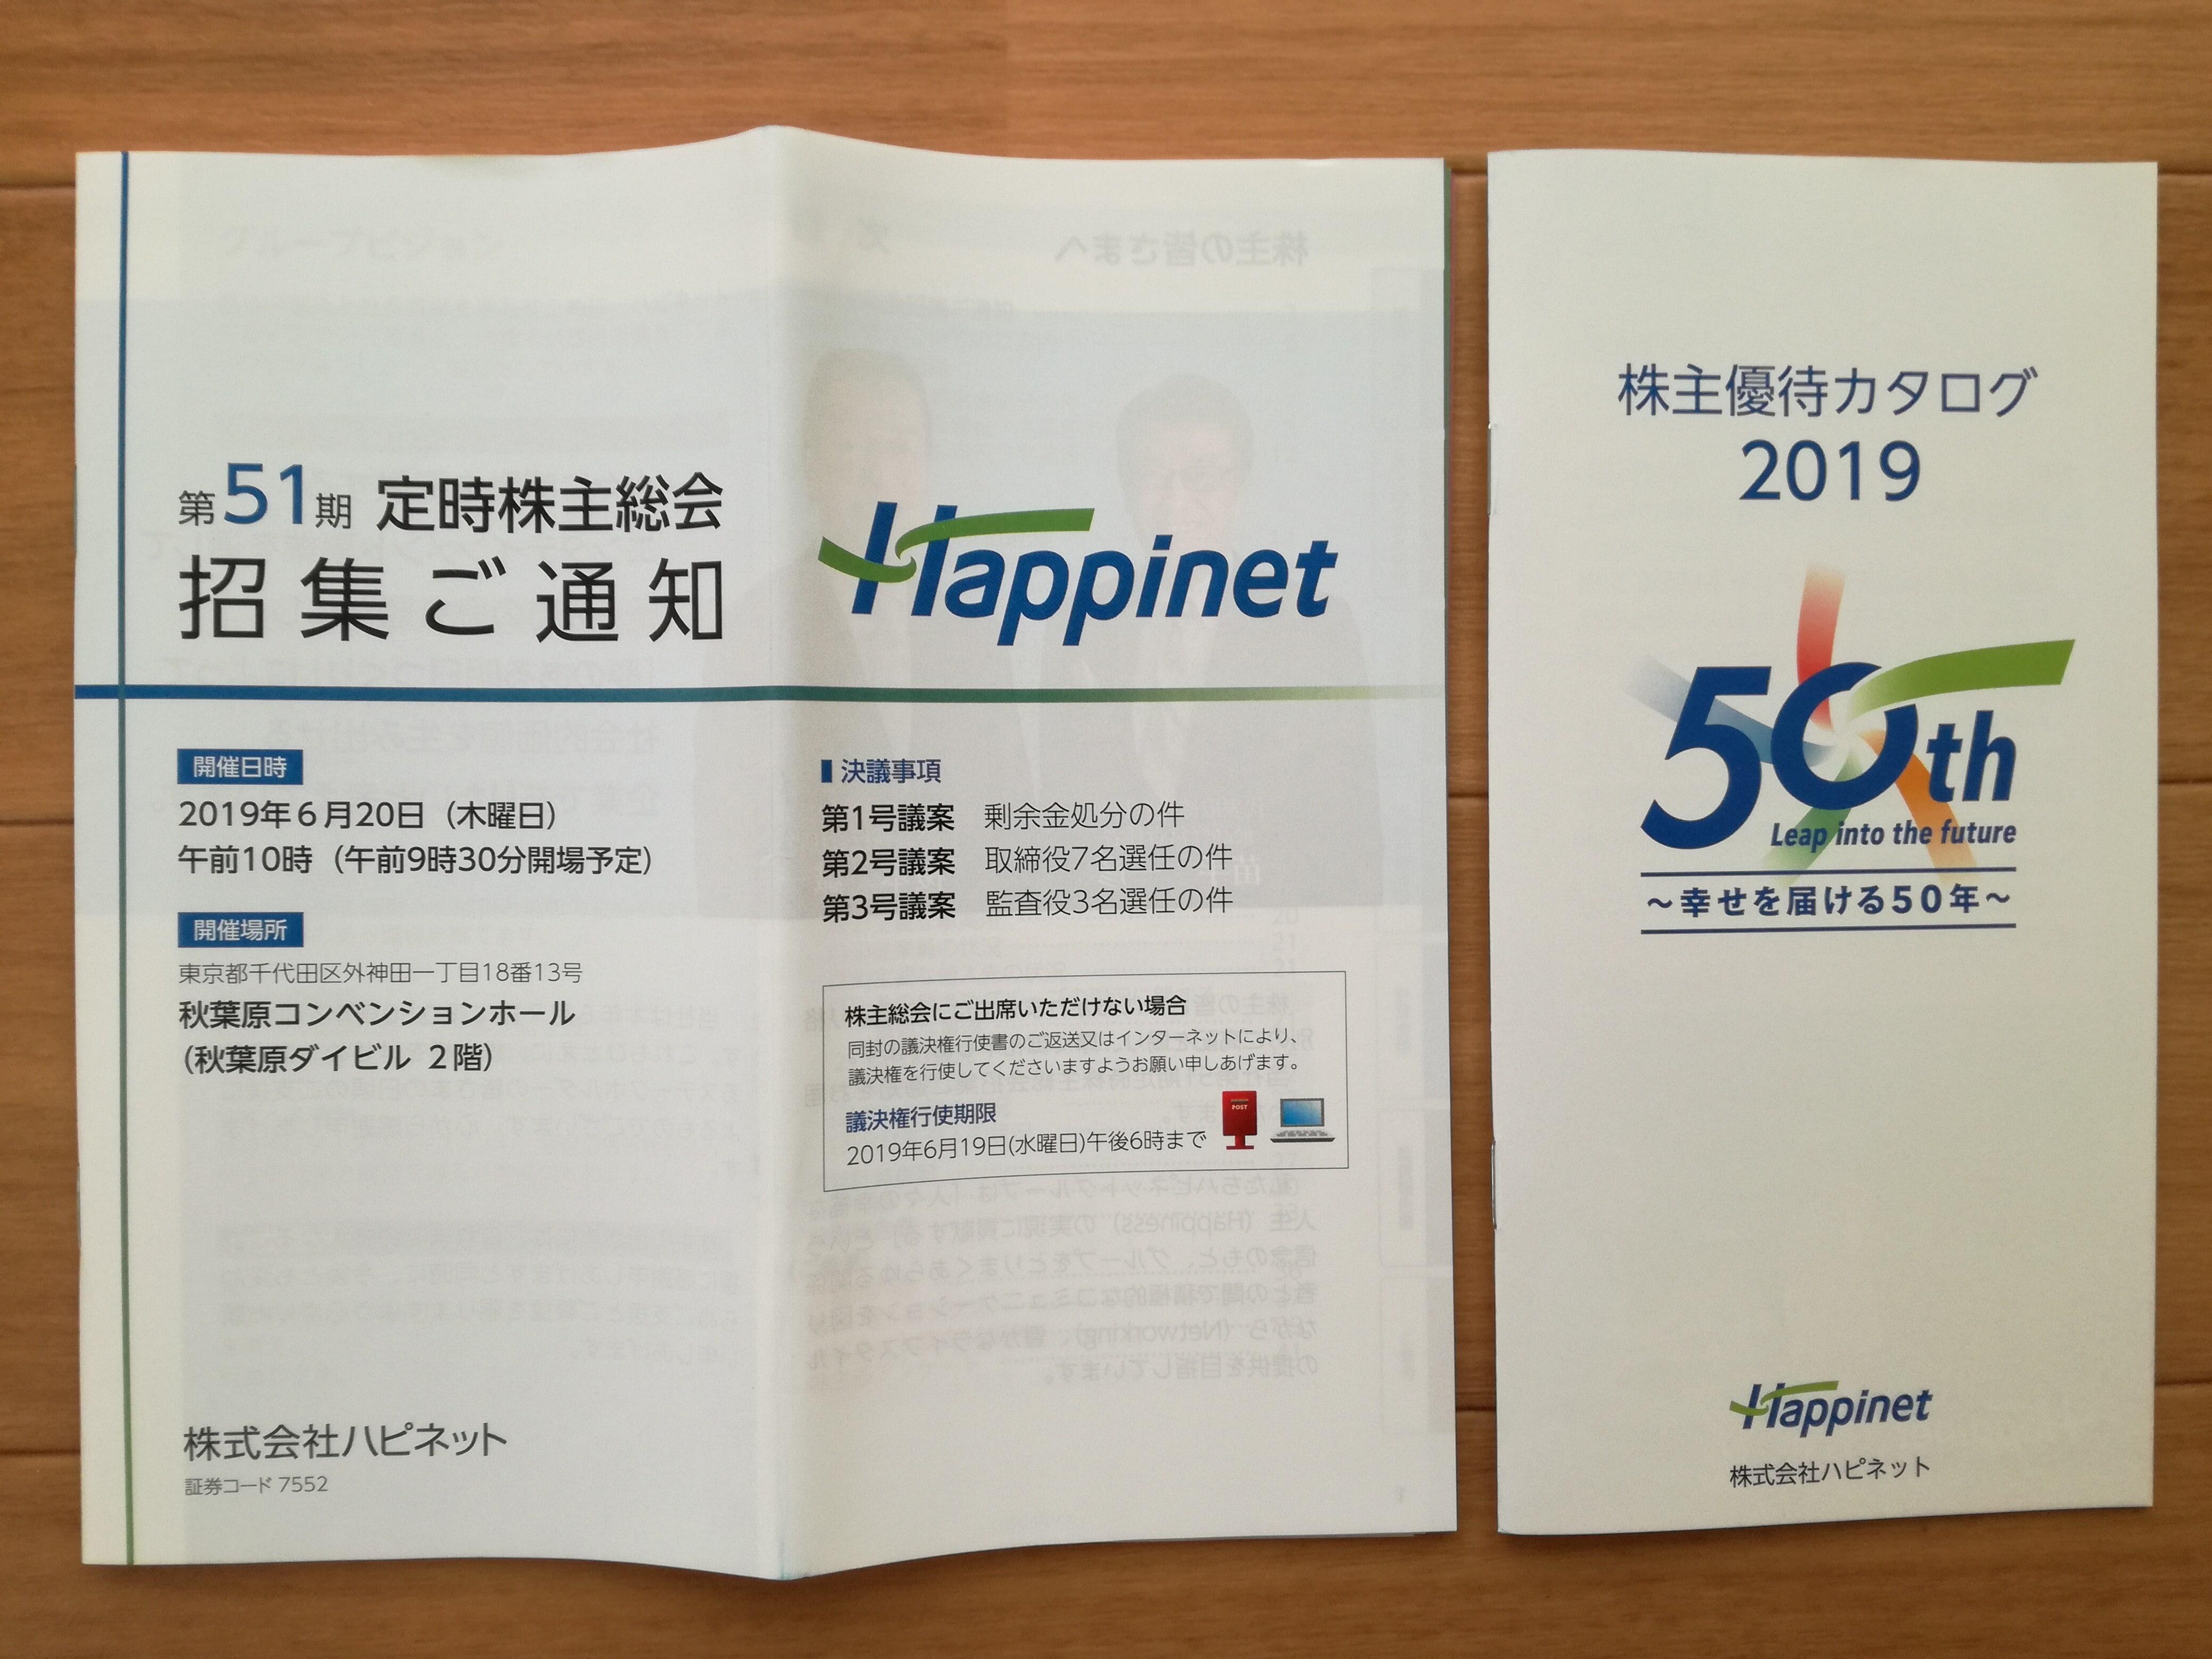 ハピネット(7552)の株主優待カタログが到着!今年はブルーレイを選ぼうかな?